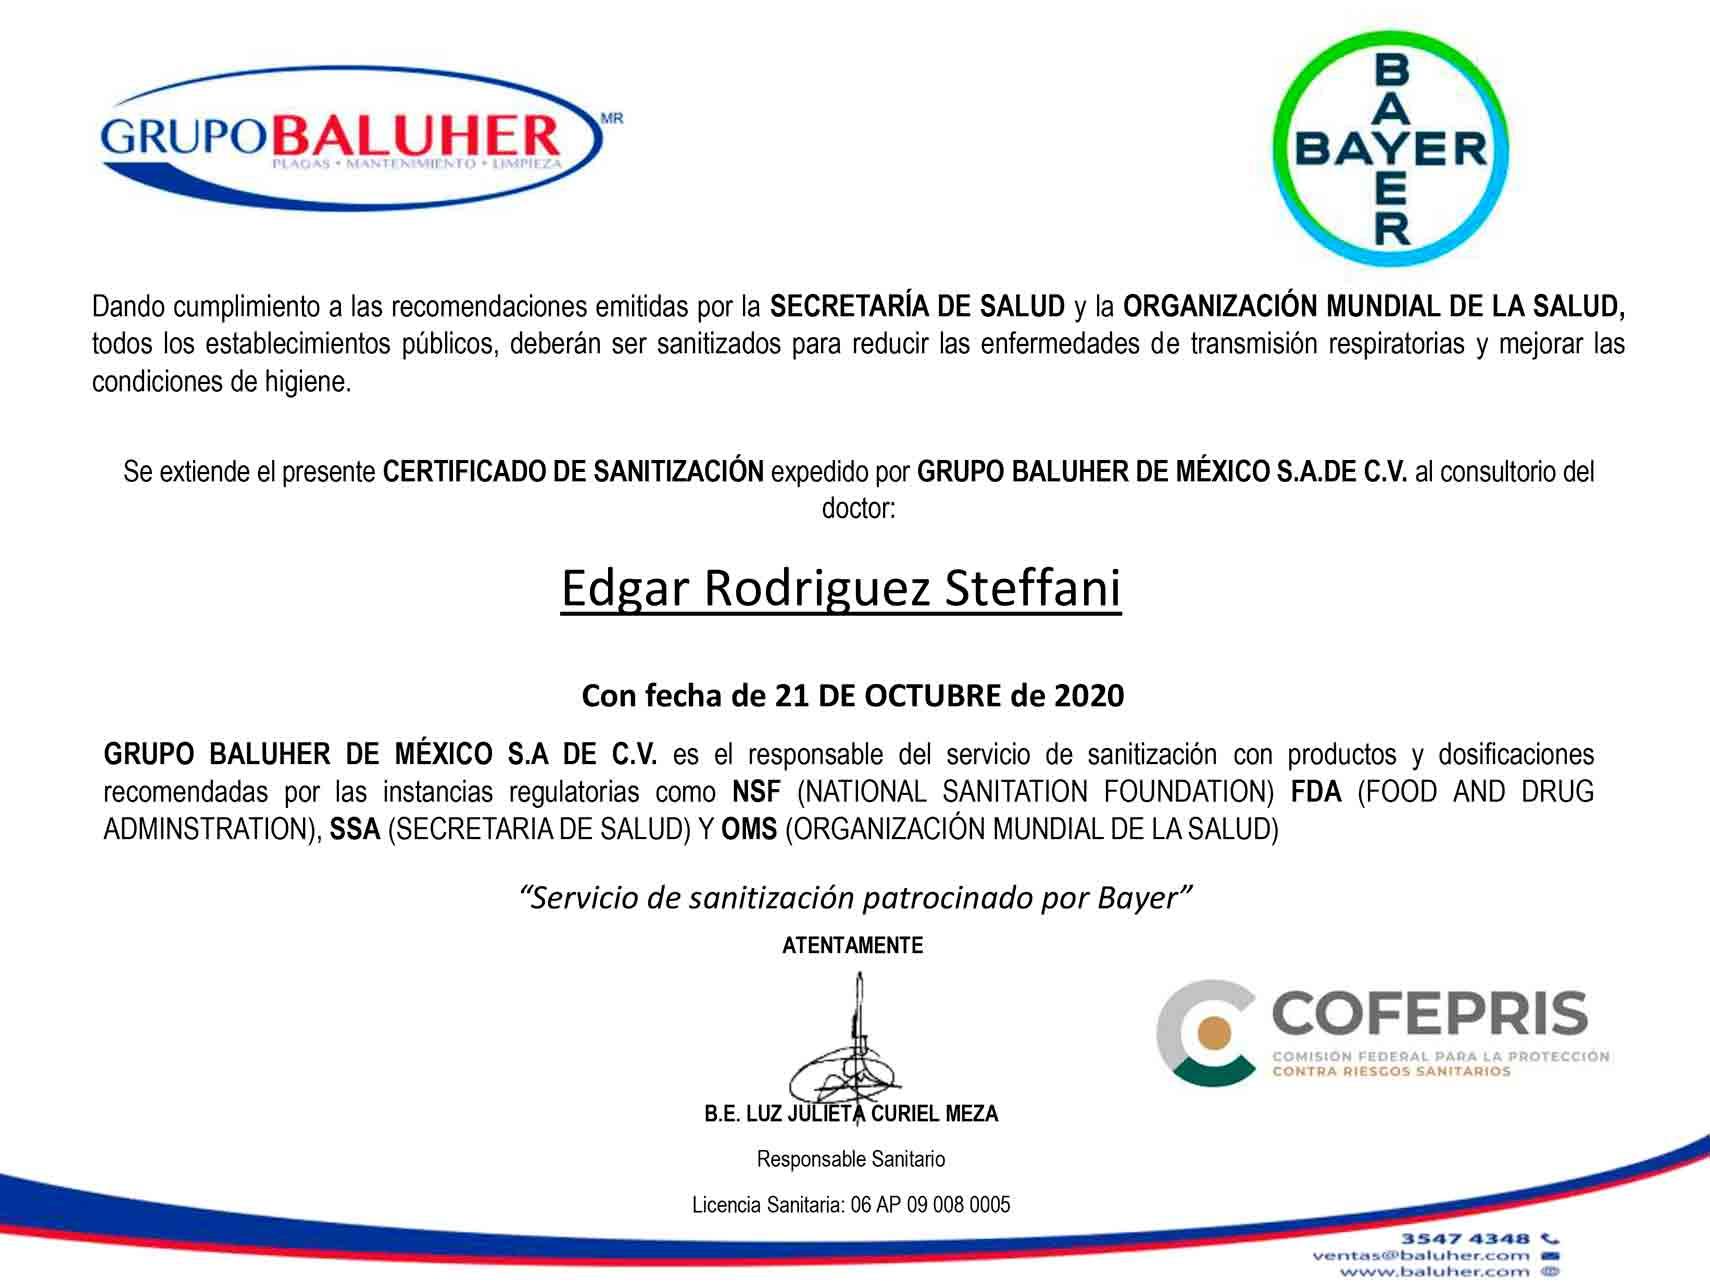 Certificado de Sanitización